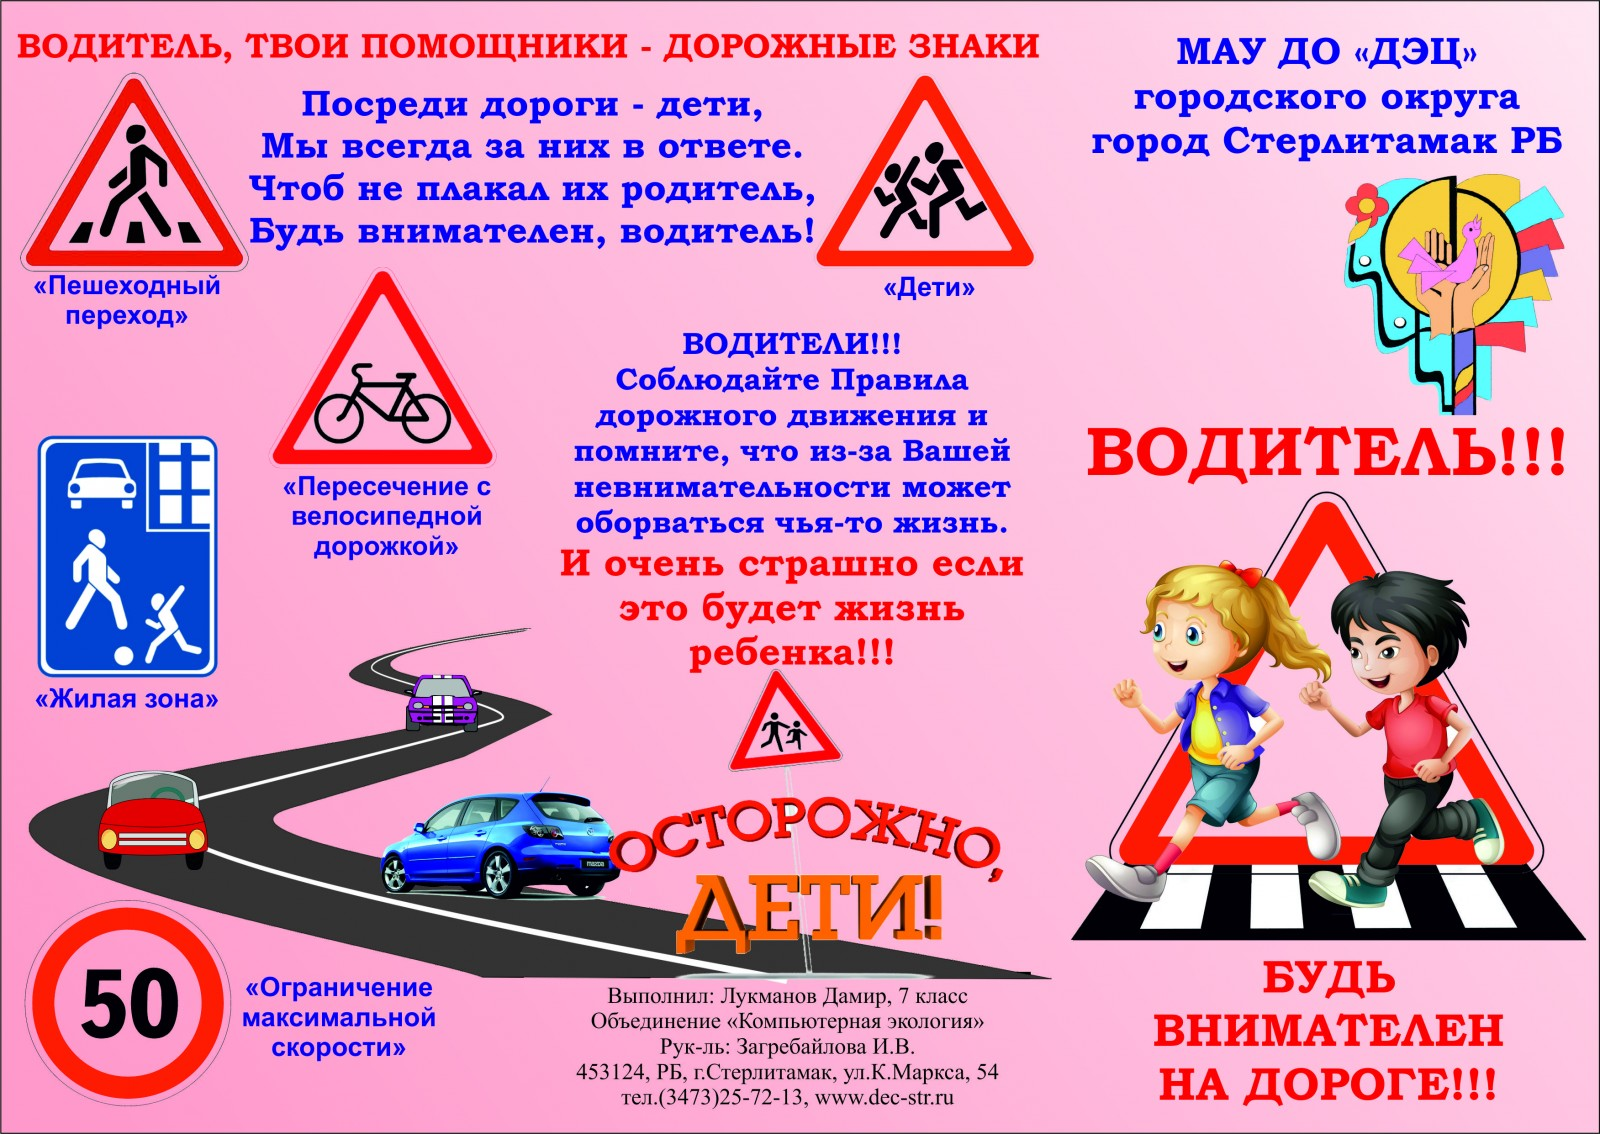 Конкурс эмблем за безопасность дорожного движения